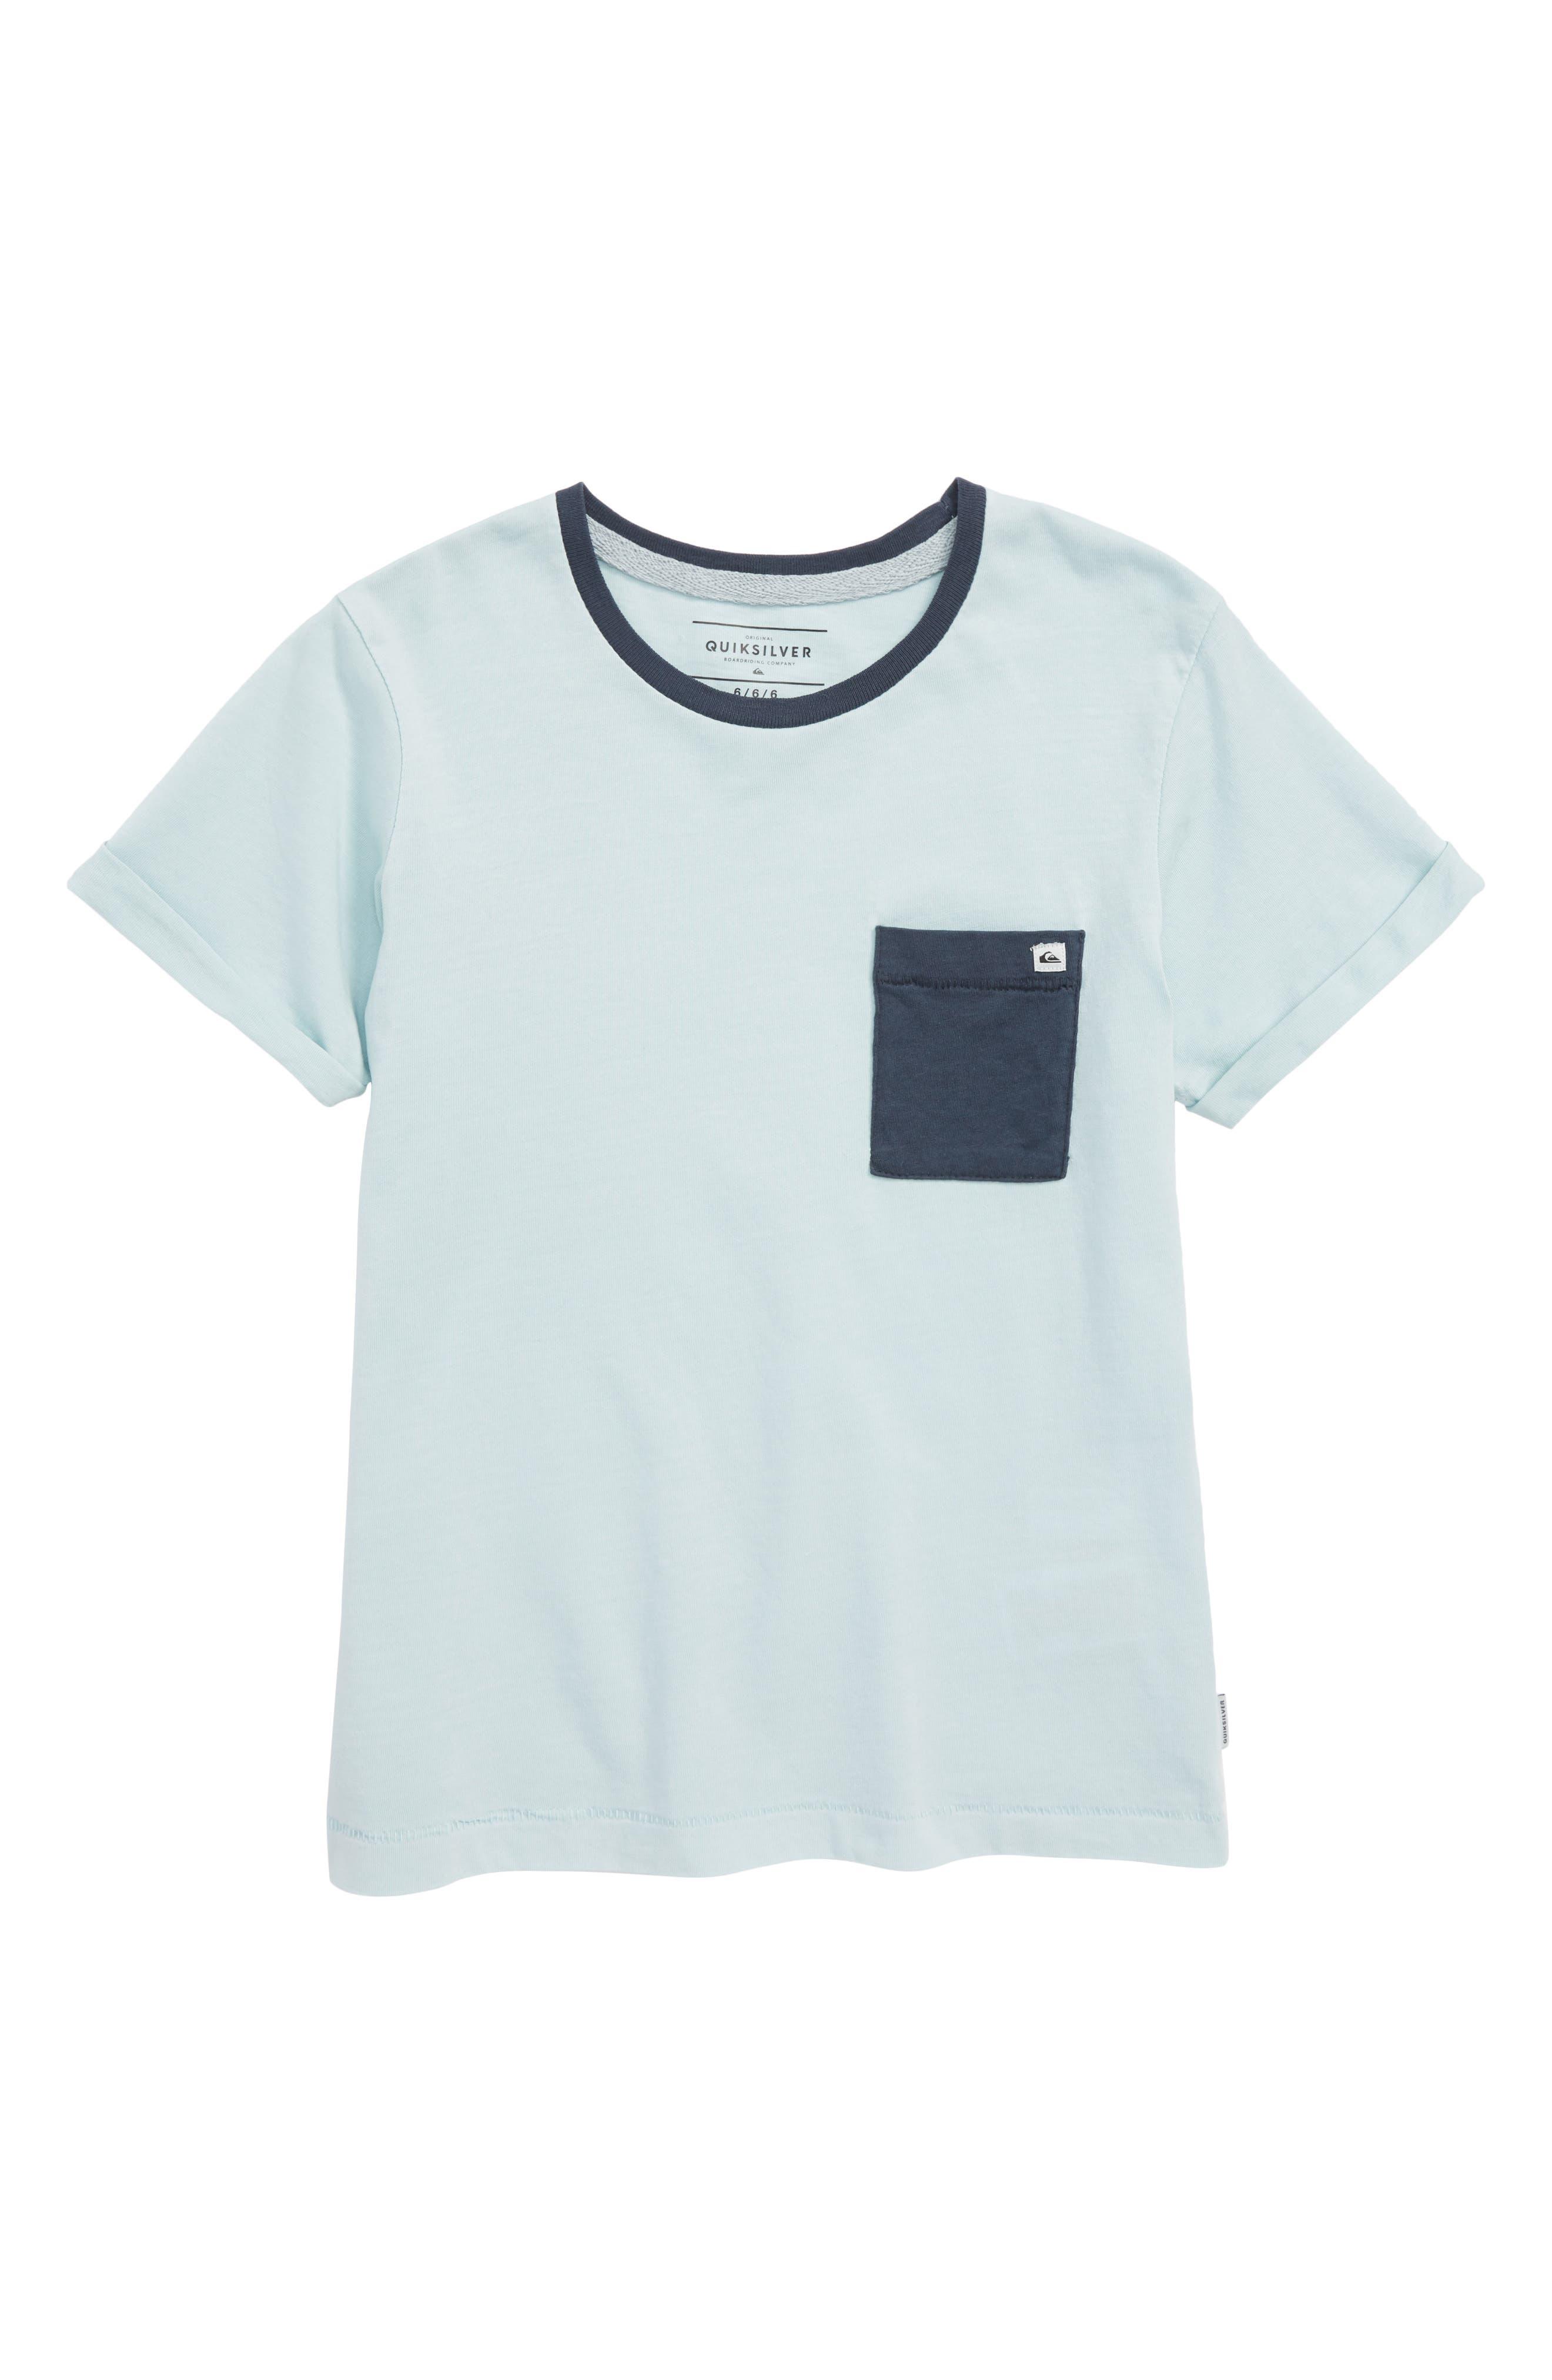 Papaikou Shirt,                         Main,                         color, 400